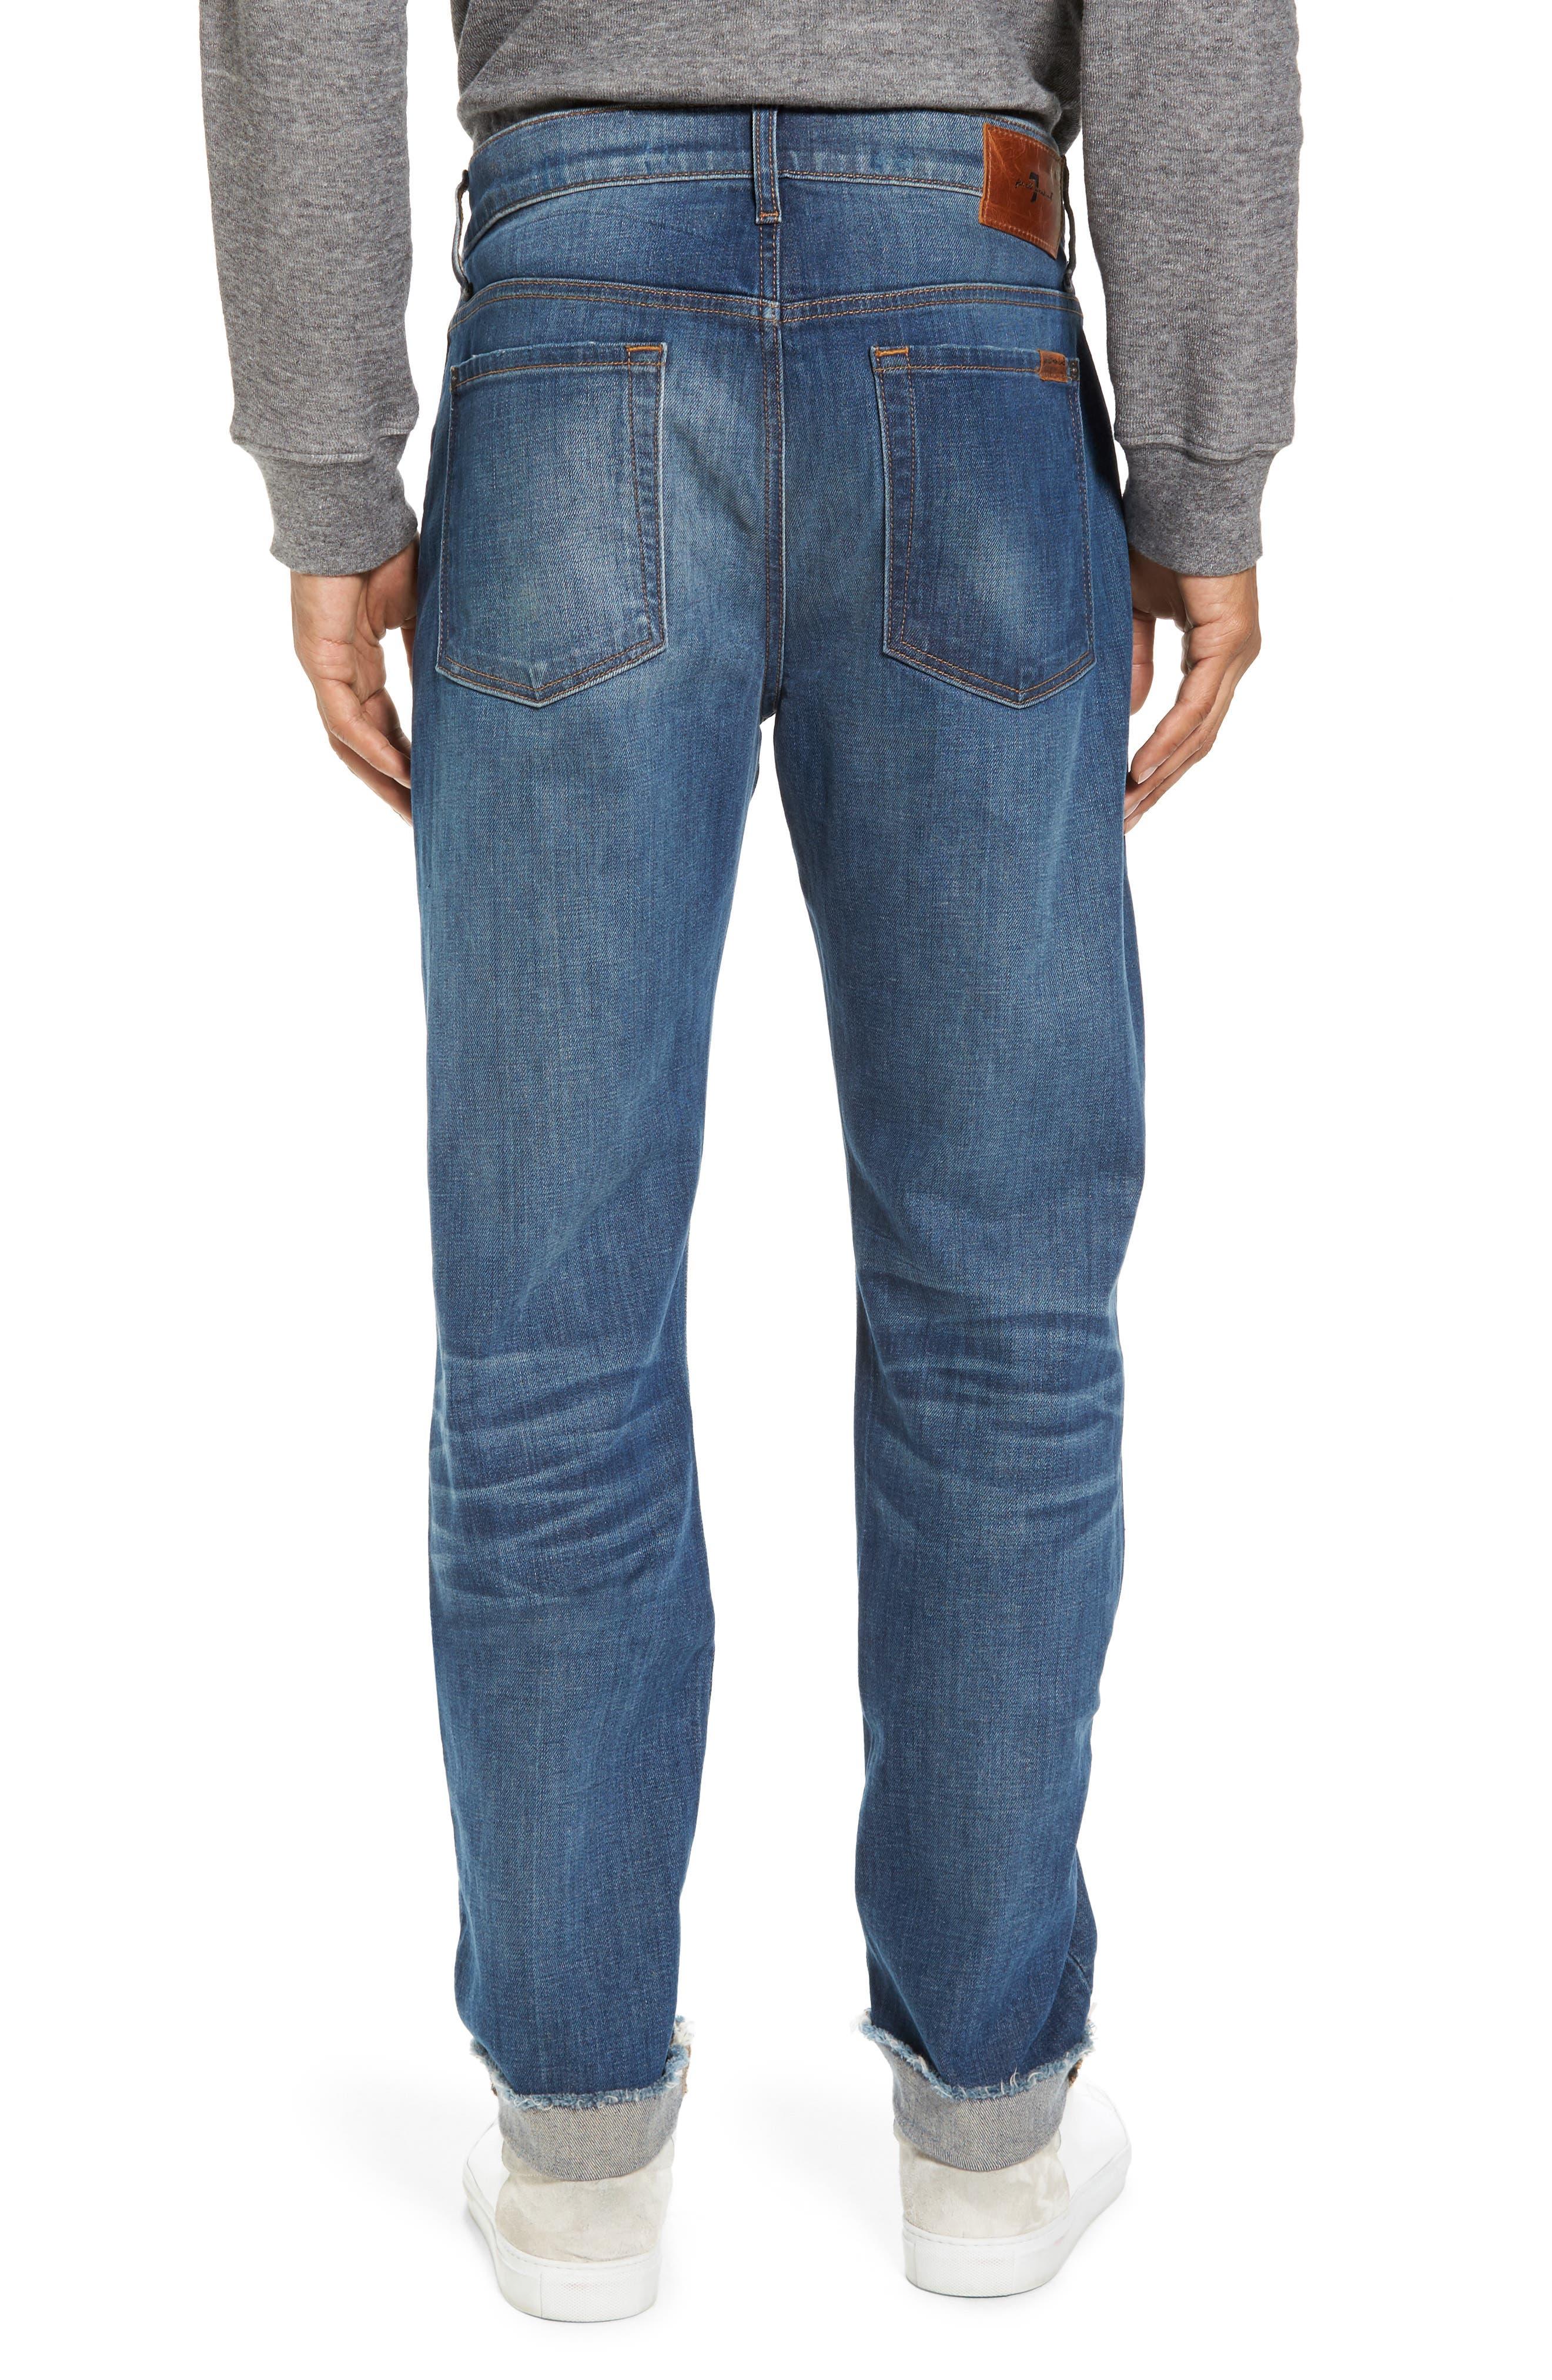 Adrien Slim Fit Jeans,                             Alternate thumbnail 2, color,                             403